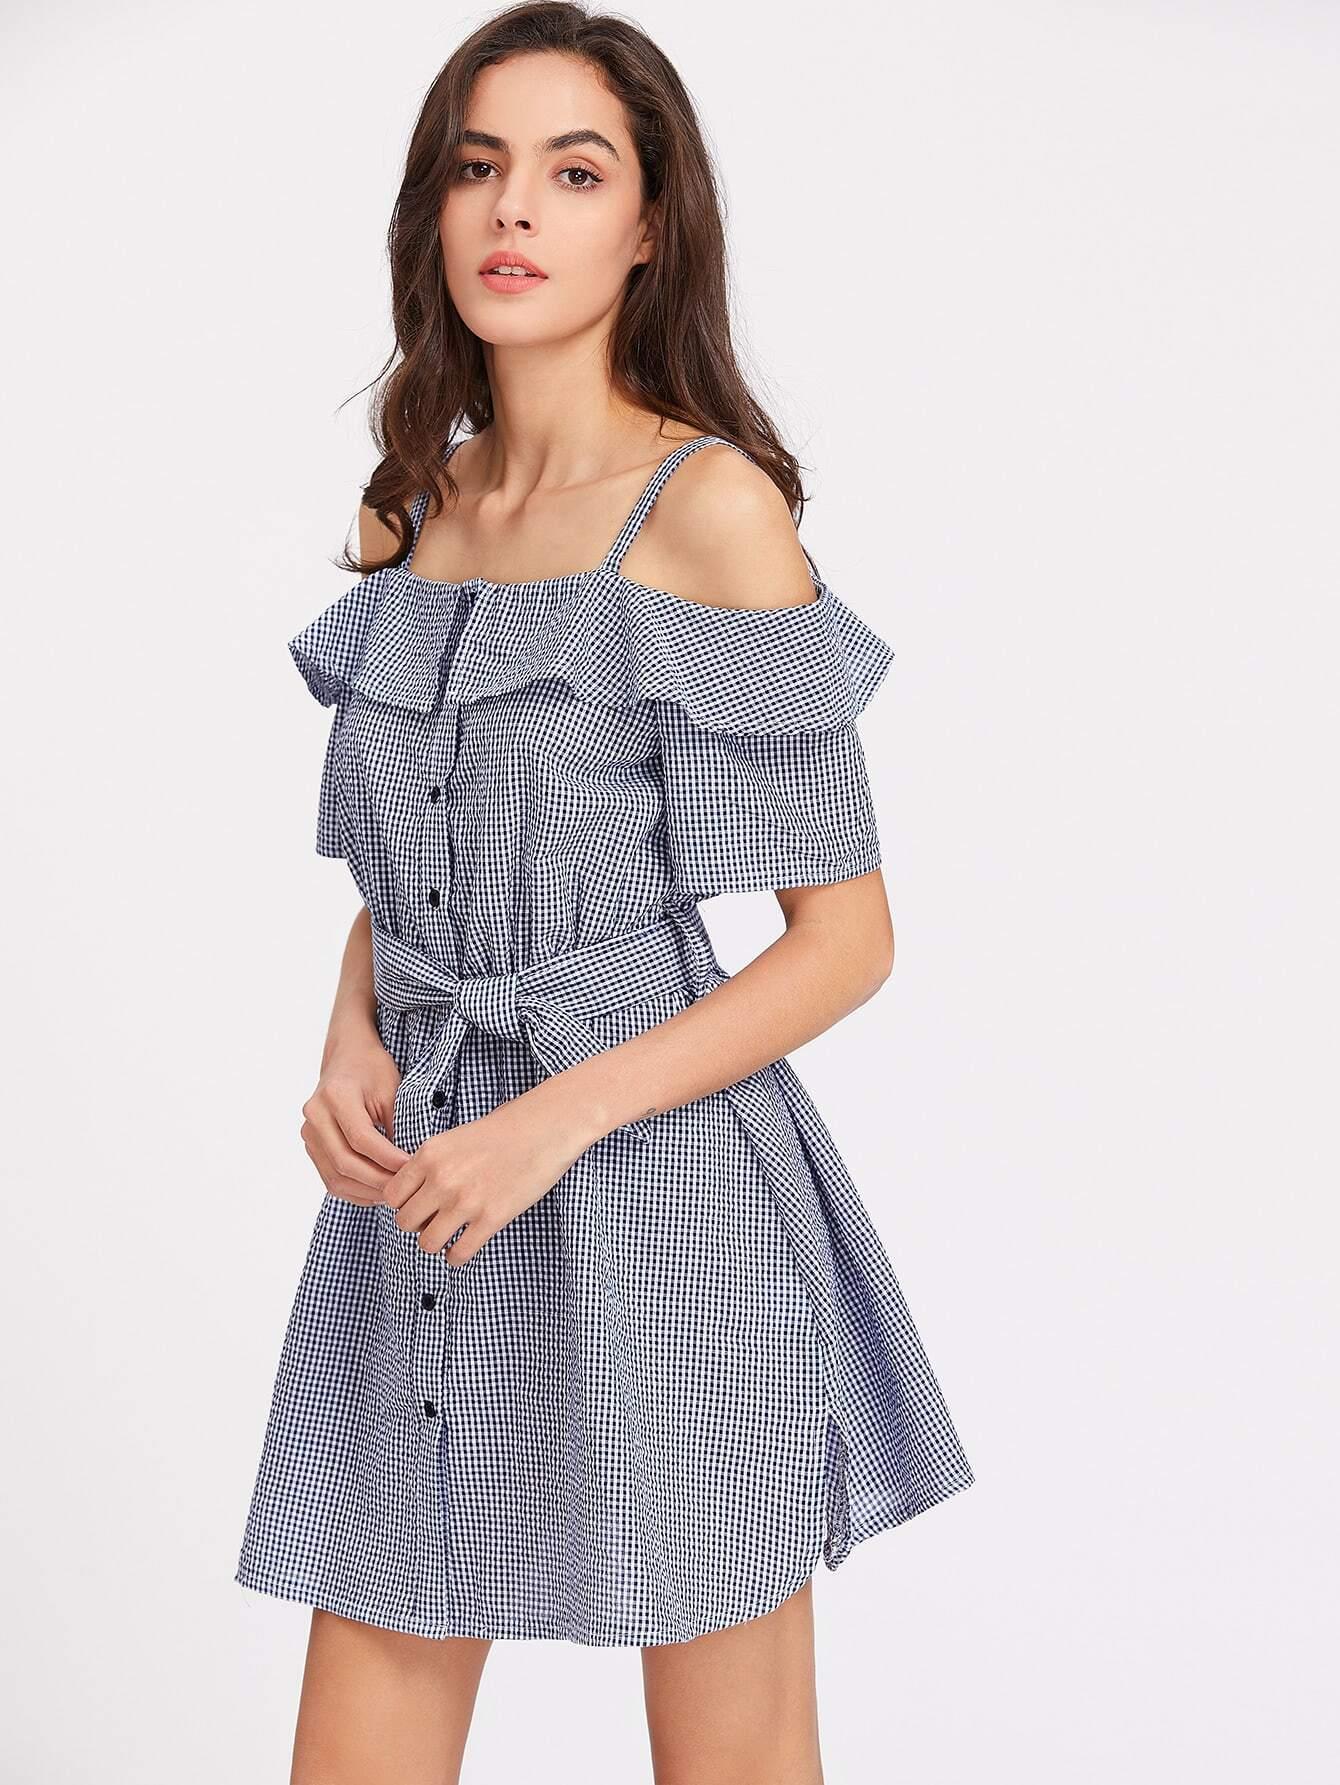 dress170417452_2